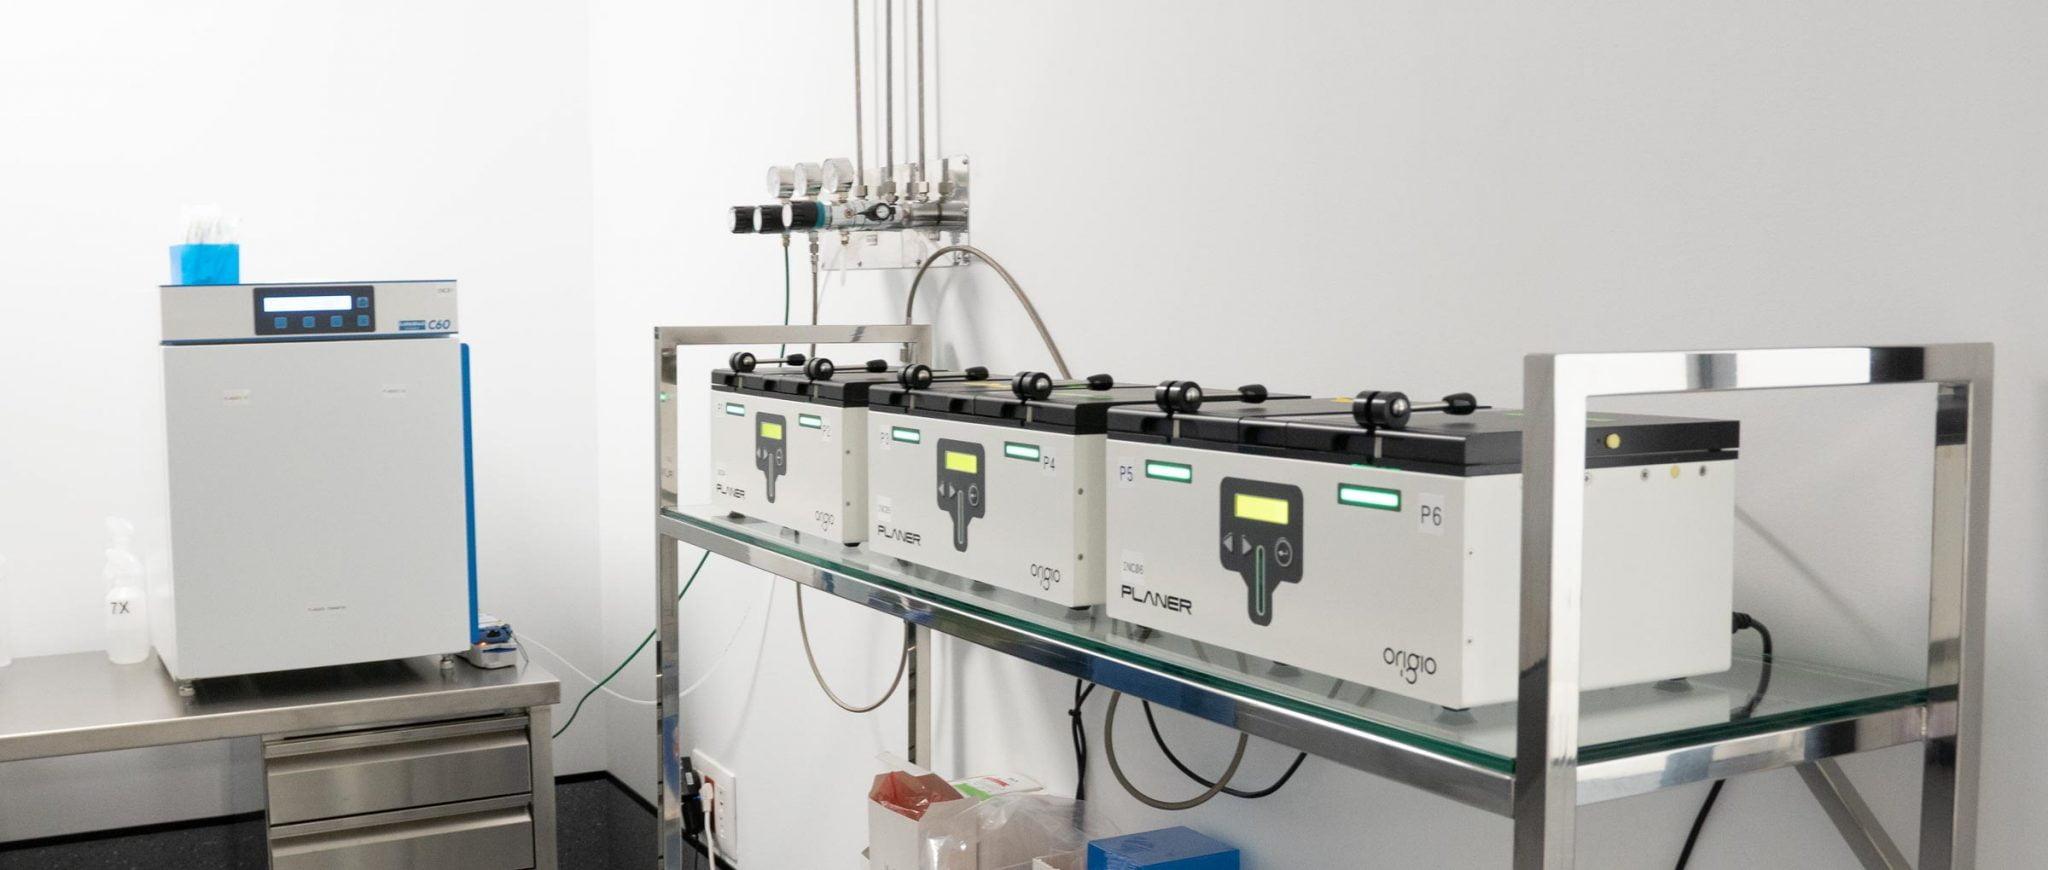 Incubadores en el laboratorio de Fertty